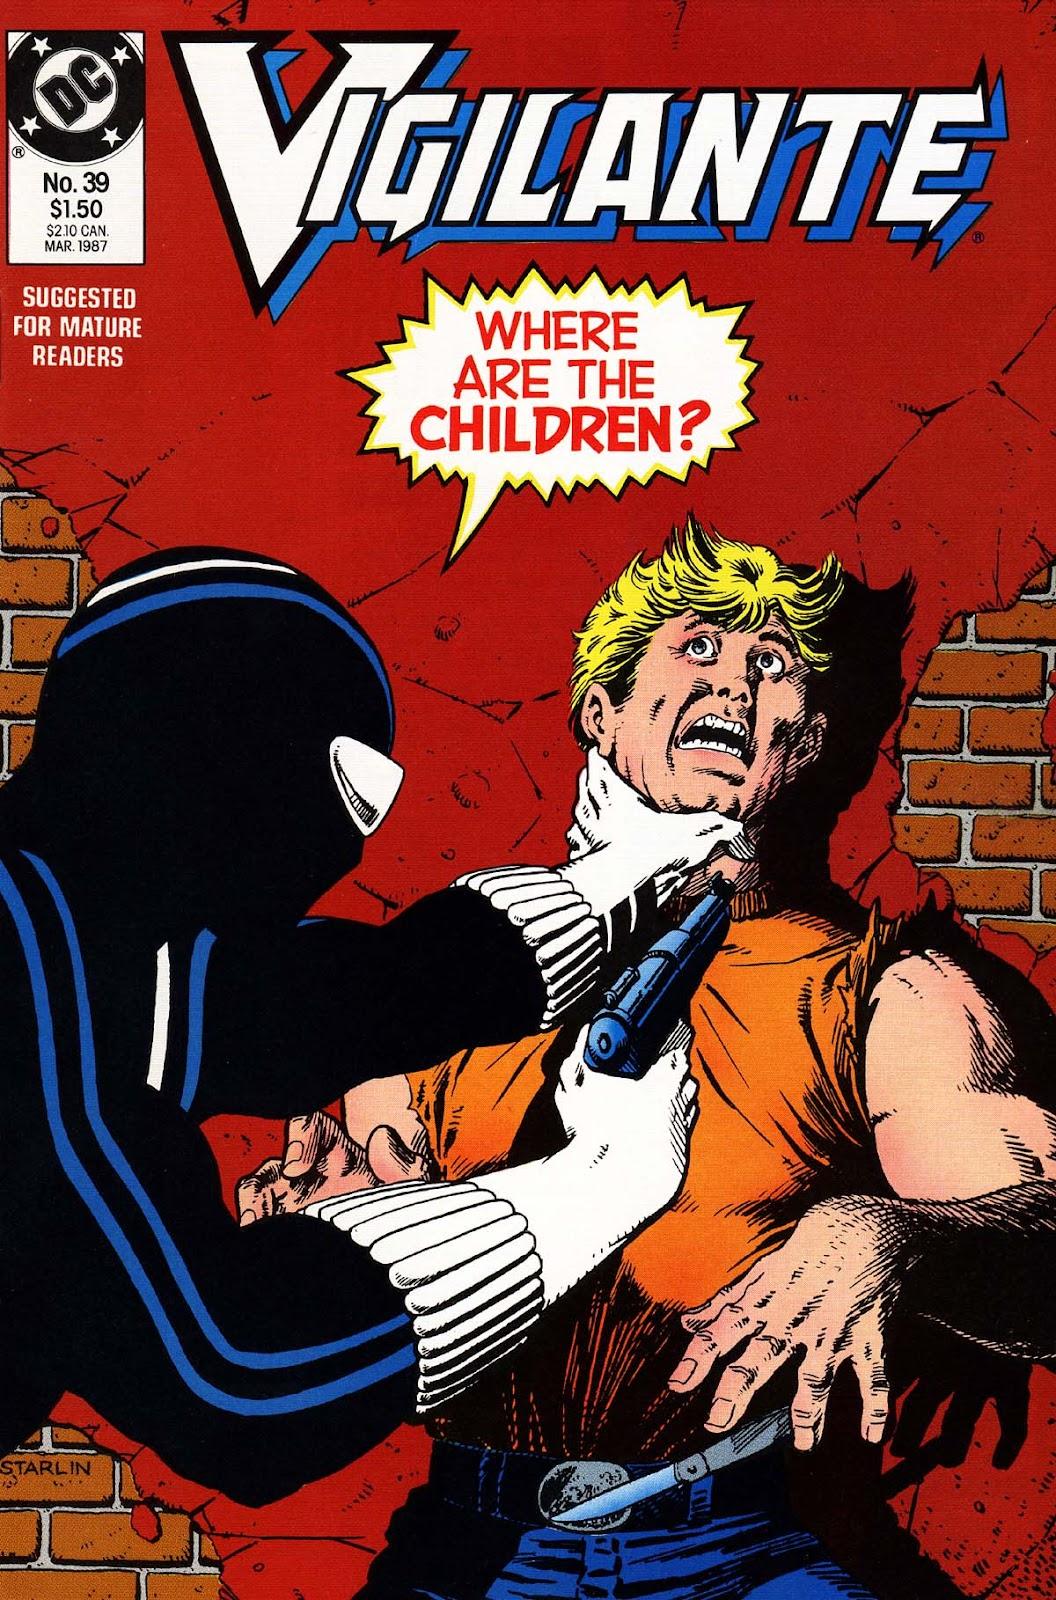 Vigilante (1983) issue 39 - Page 1